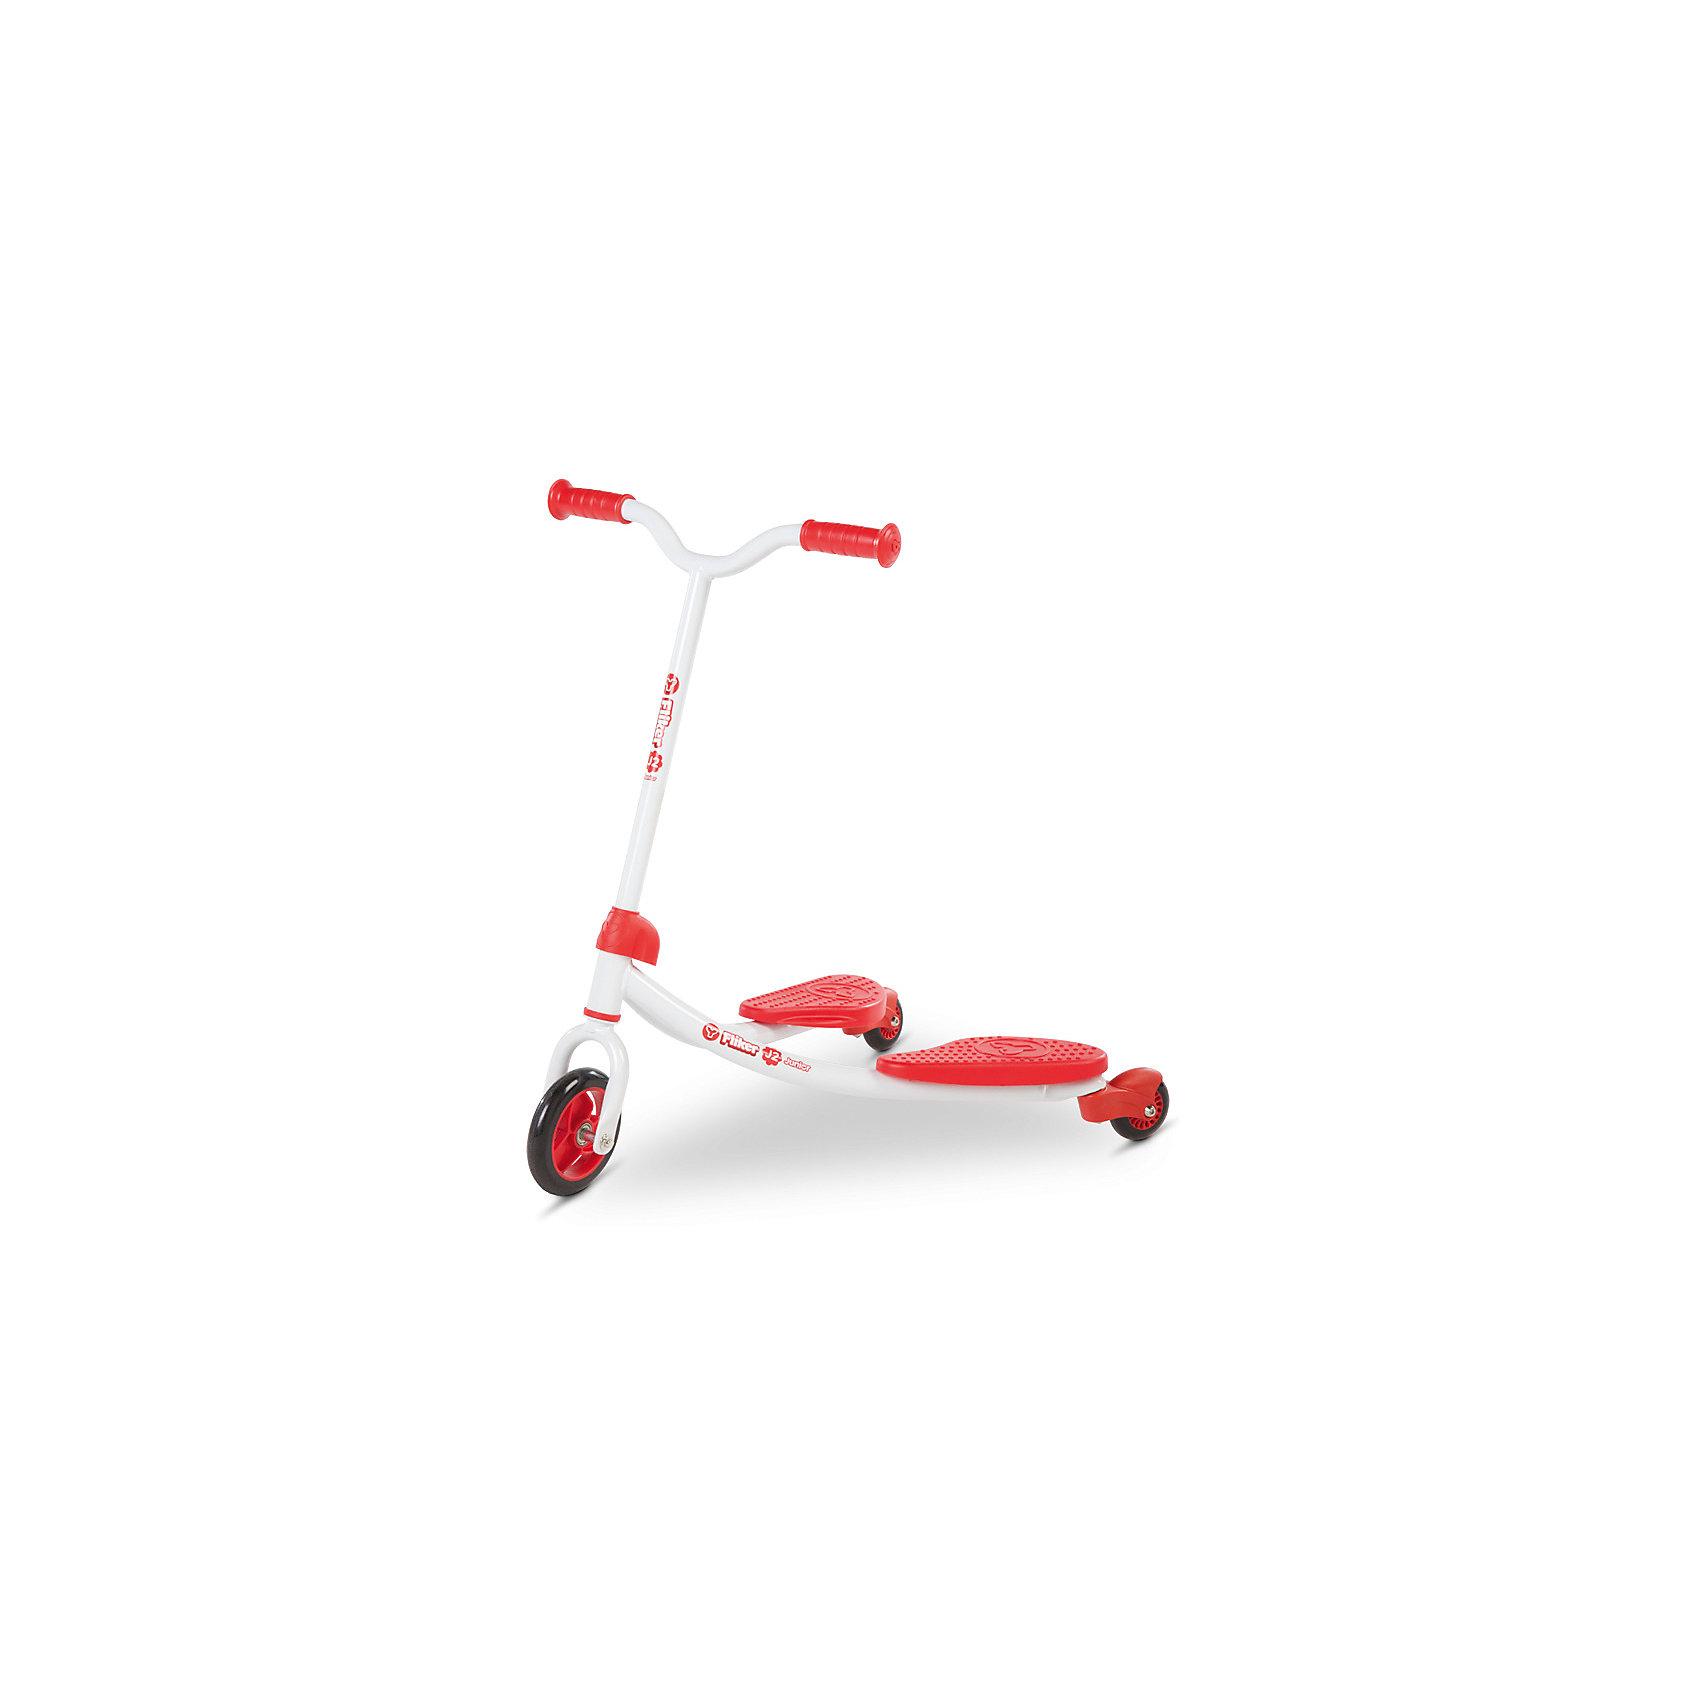 Инерционный самокат Y-volution Fliker J2, красныйСамокаты<br>Характеристики товара:<br><br>• возраст: от 3 лет;<br>• максимальная нагрузка: 20 кг;<br>• материал: металл, пластик;<br>• материал колес: полиуретан;<br>• диаметр переднего колеса: 120 мм, задних колес: 65 мм;<br>• высота руля: 70 см;<br>• вес самоката: 2,6 кг;<br>• размер упаковки: 60х41х65 см;<br>• вес упаковки: 2,6 кг;<br>• страна производитель: Китай.<br><br>Трехколесный инерционный самокат Yvolution Fliker J2 красный — оригинальный инерционный самокат с двумя платформами. Он приводится в движение перемещением центра тяжести из стороны в сторону. Такая конструкция позволяет развивать все группы мышц, вестибулярный аппарат и тренировать координацию движений. <br><br>Конструкция с двумя платформами и 3 колесами отличается хорошей устойчивостью. Крылья во время движения зафиксированы, не разводятся в стороны, что позволит даже начинающим райдерам быстро освоить навыки катания.<br><br>Руль имеет Y-образную форму для более удобного и простого управления. Каждая платформа покрыта ребристой поверхностью для более плотной фиксации, чтобы ноги не соскальзывали во время катания. Колеса изготовлены из прочного износостойкого полиуретана.<br><br>Трехколесный инерционный самокат Yvolution Fliker J2 красный можно приобрести в нашем интернет-магазине.<br><br>Ширина мм: 600<br>Глубина мм: 410<br>Высота мм: 650<br>Вес г: 2600<br>Возраст от месяцев: 36<br>Возраст до месяцев: 2147483647<br>Пол: Унисекс<br>Возраст: Детский<br>SKU: 6679959